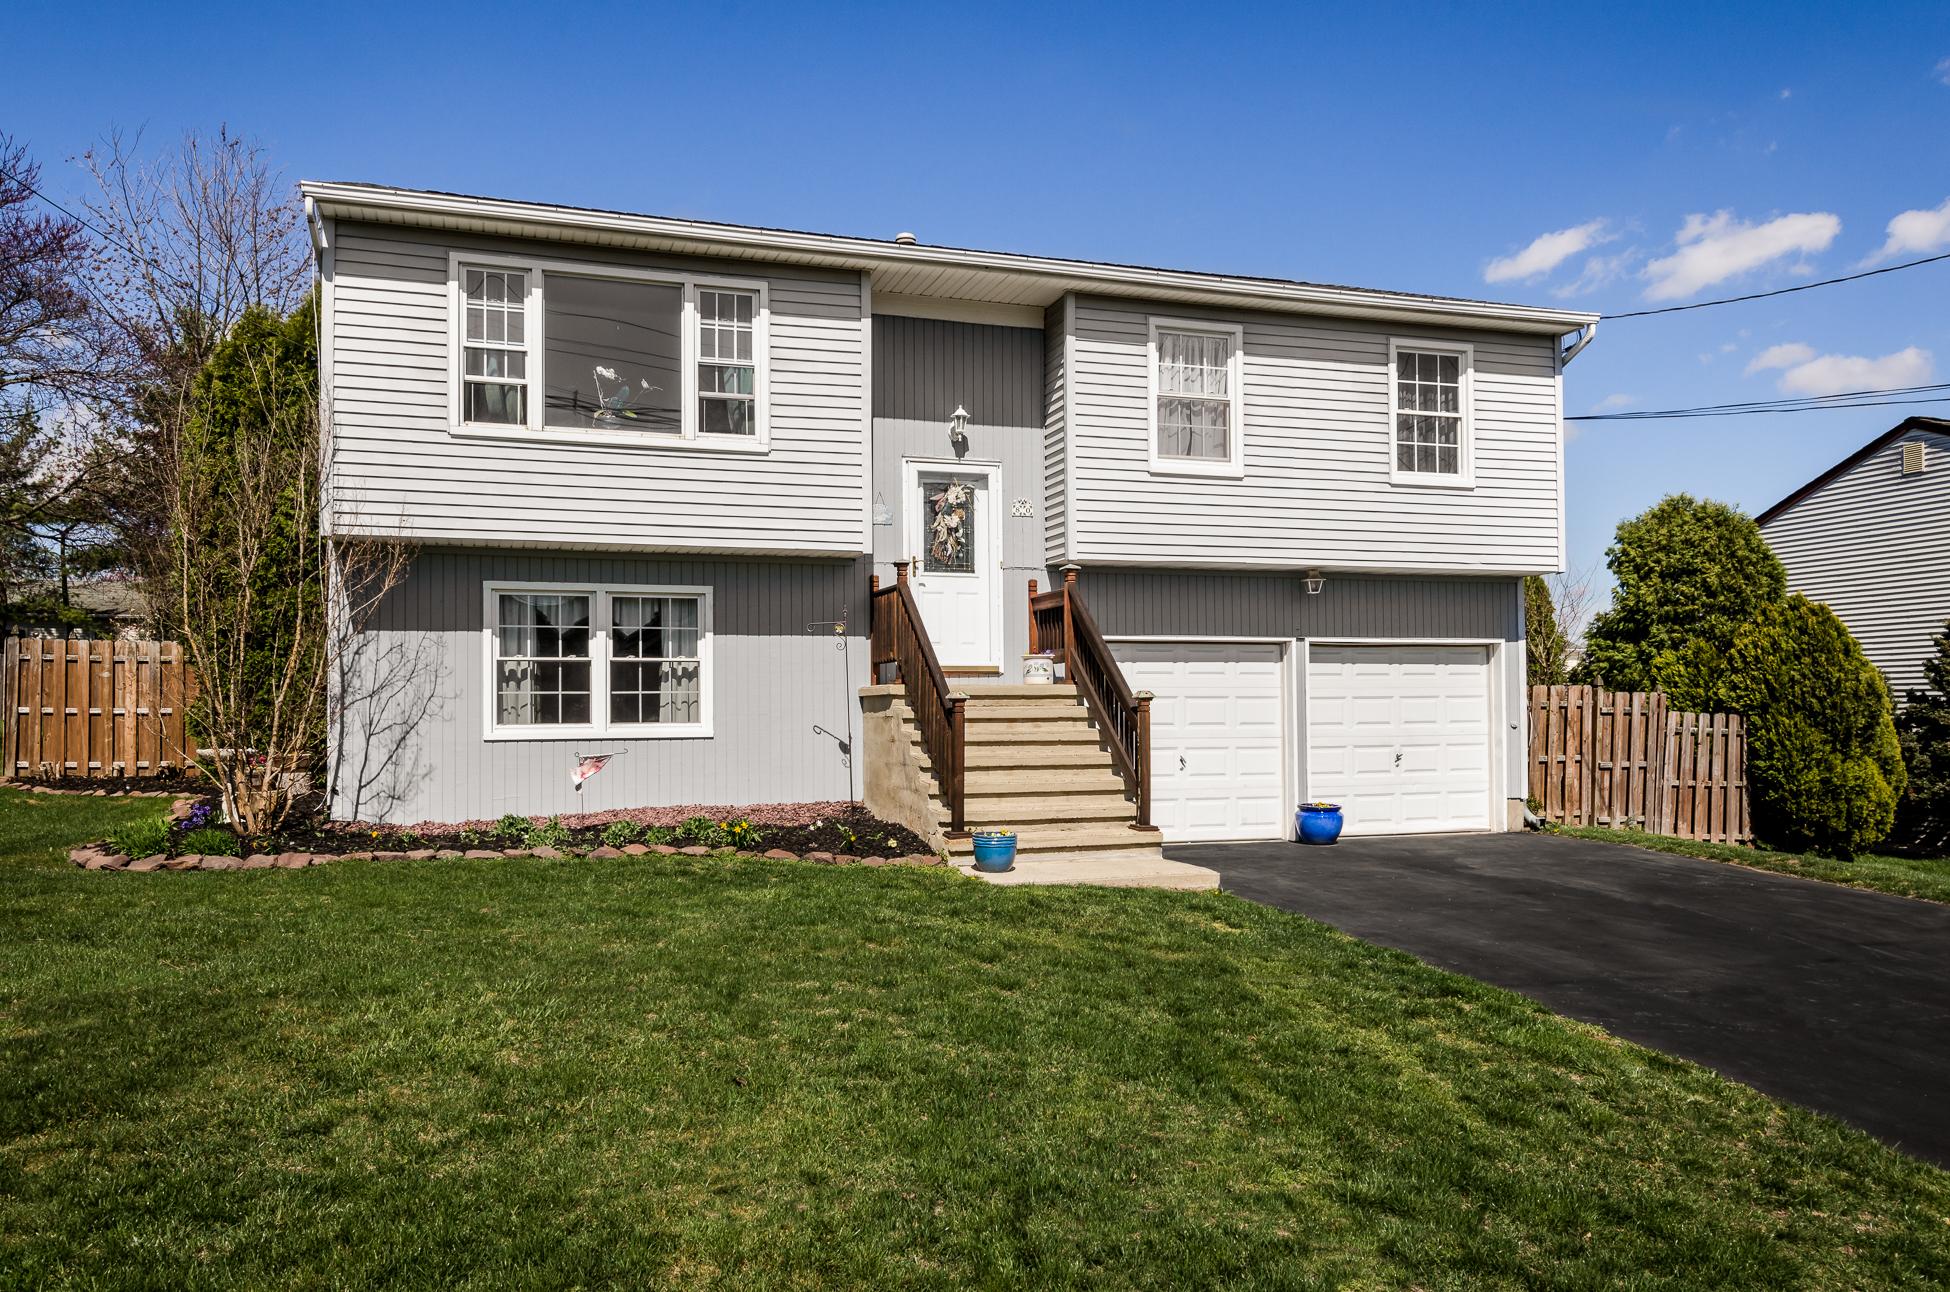 Maison unifamiliale pour l Vente à A Home Filled with Color and Light - Lawrence Township 80 Bunker Hill Road Lawrenceville, New Jersey, 08648 États-Unis